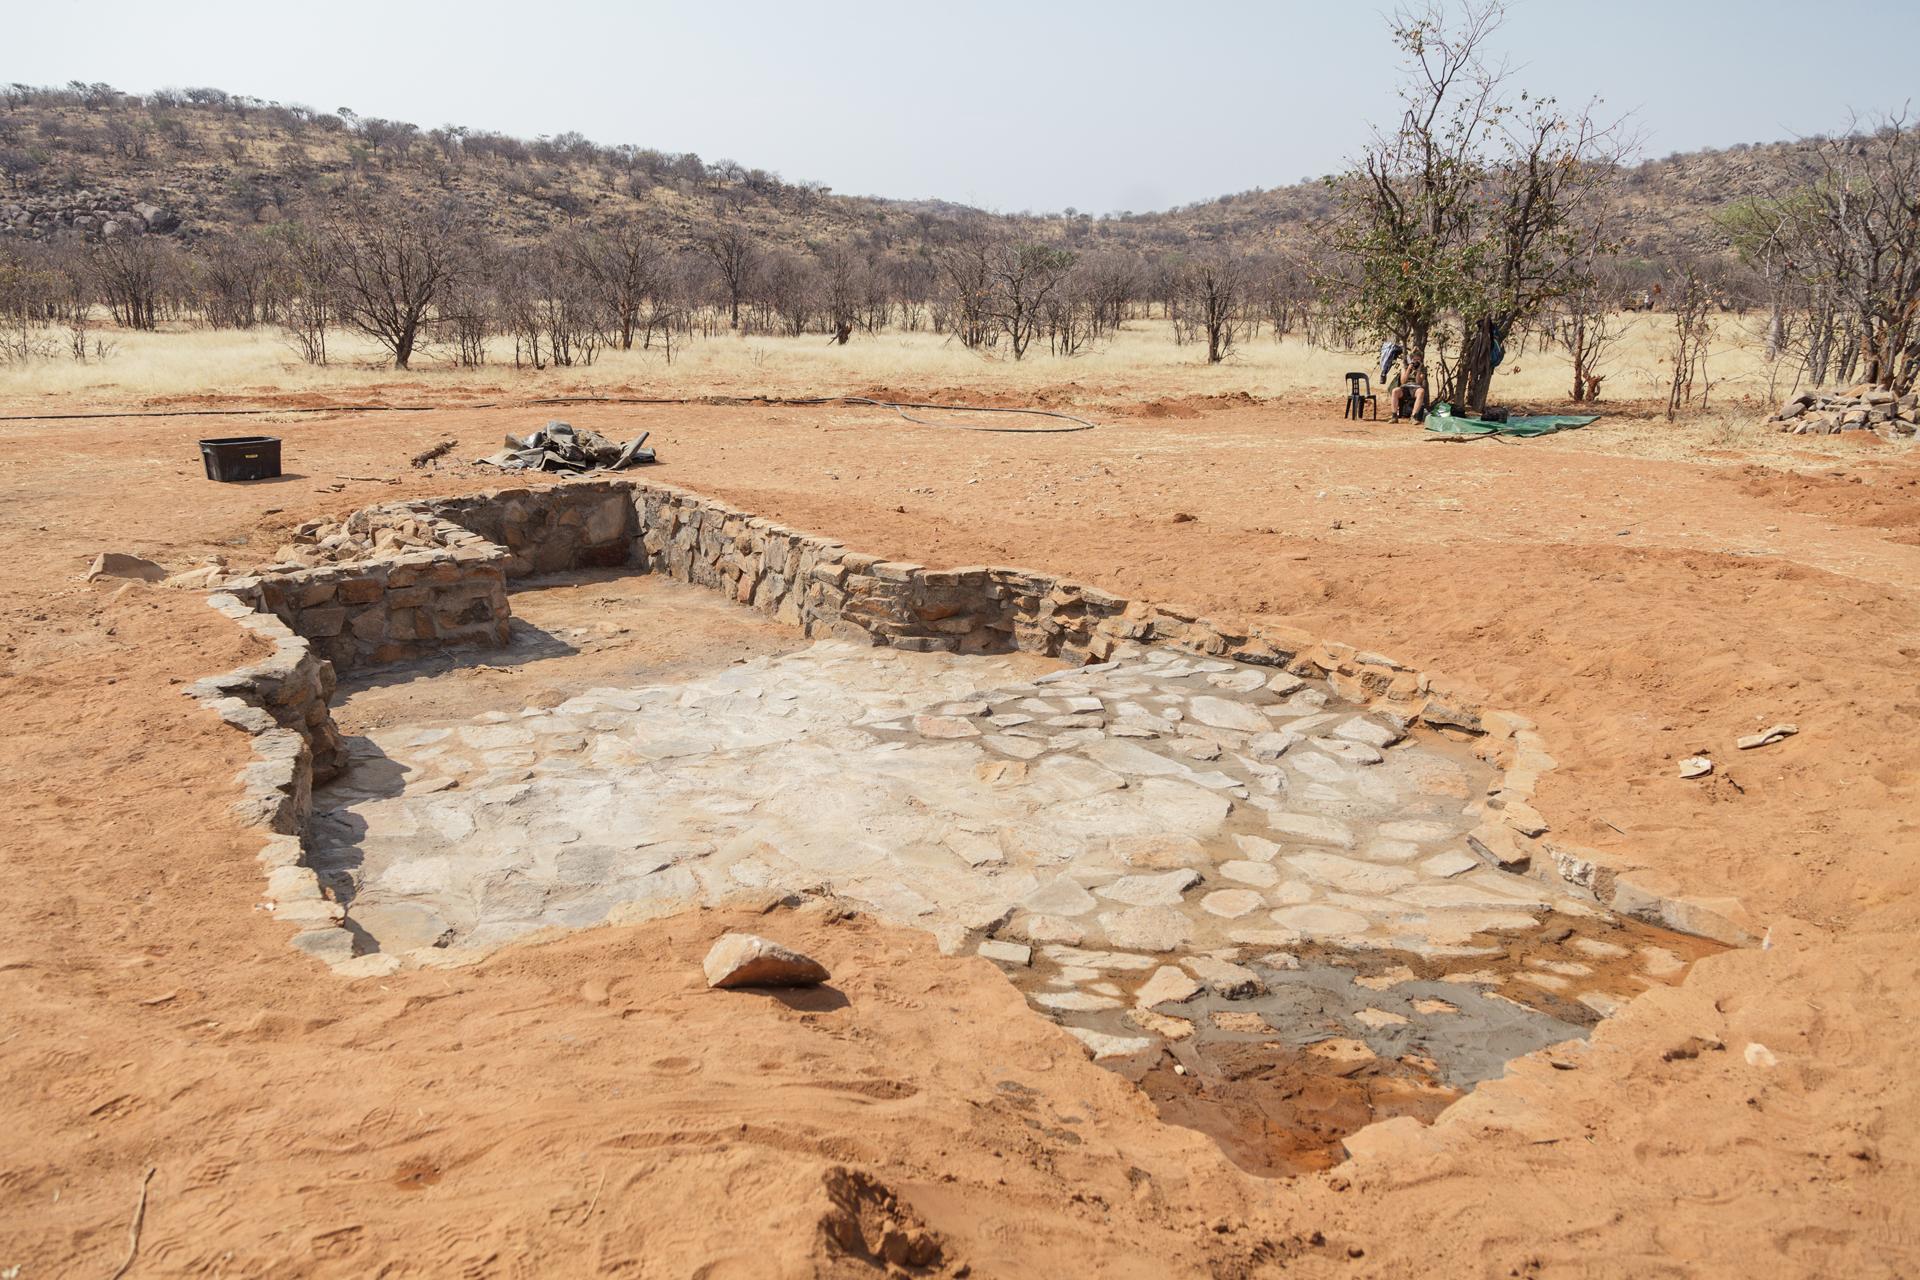 Sanierung der Wildtier-Wasserstelle im Kunenegebiet in Namibia 2017, ©Foto: Eva Bauer